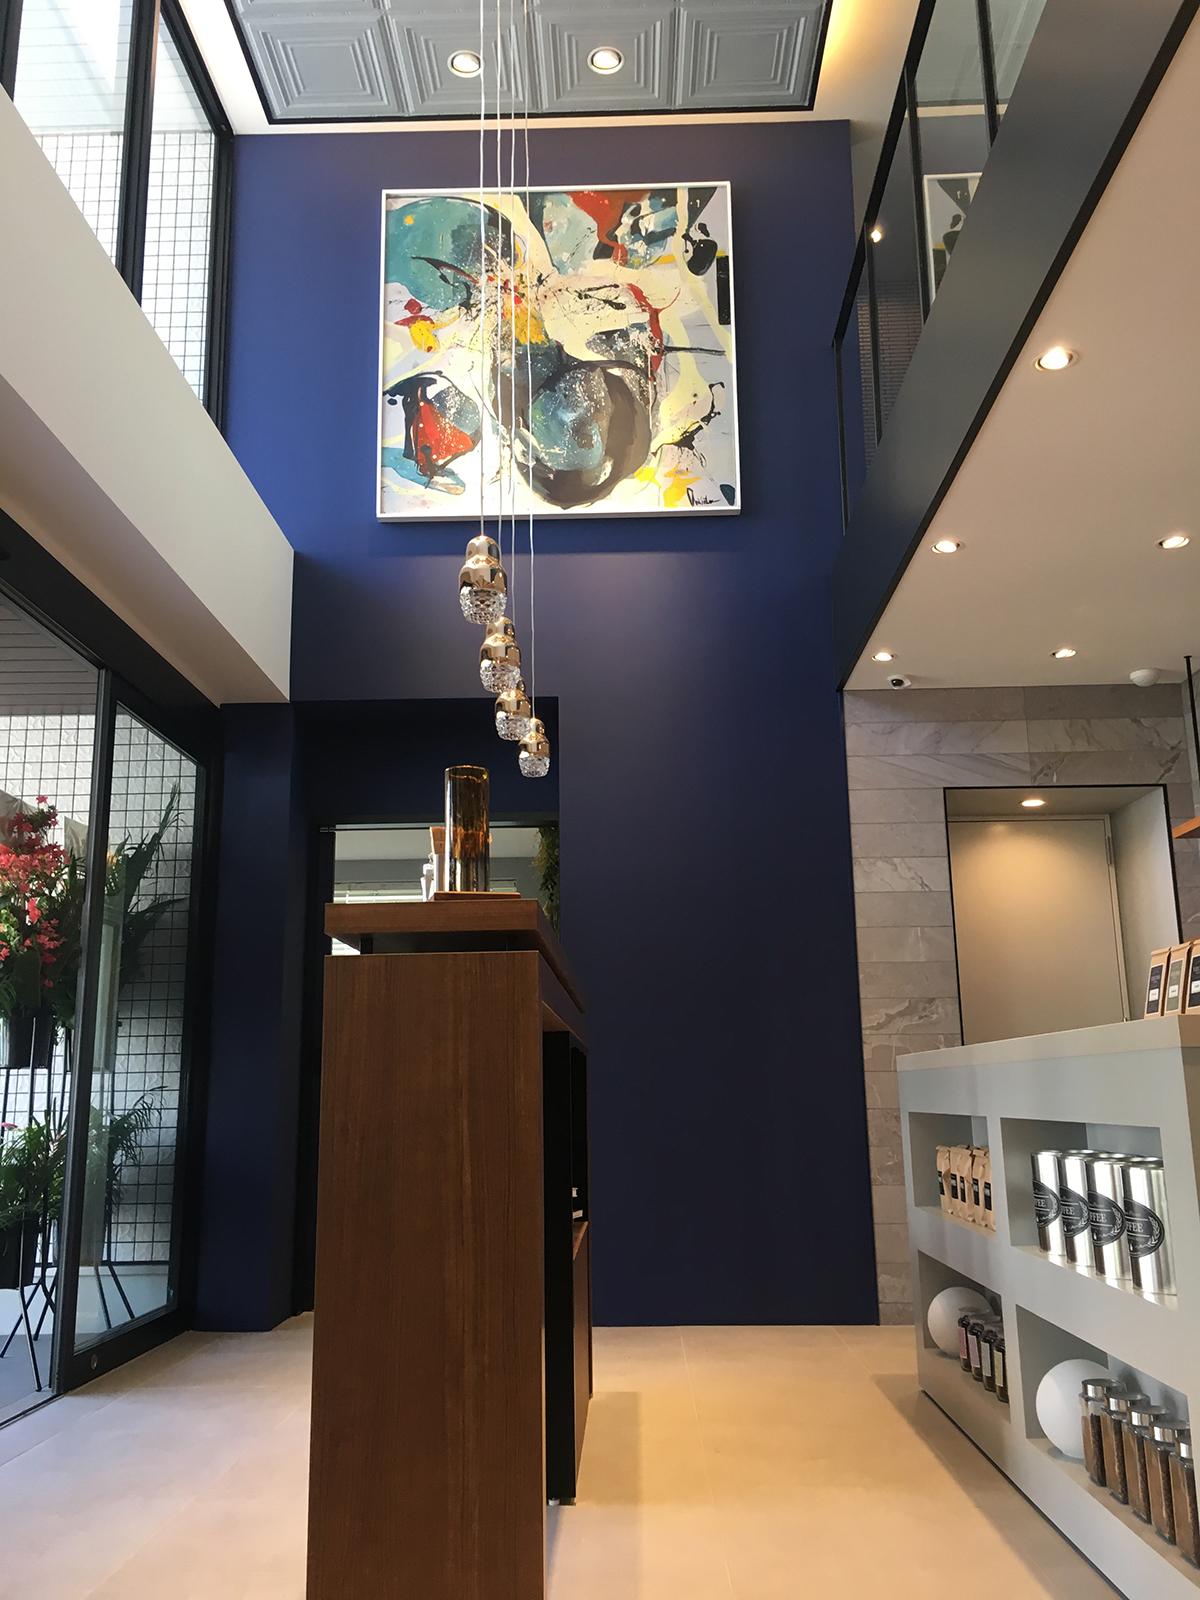 パナホーム横浜第一展示場 (TVK ハウジングプラザ横浜内)